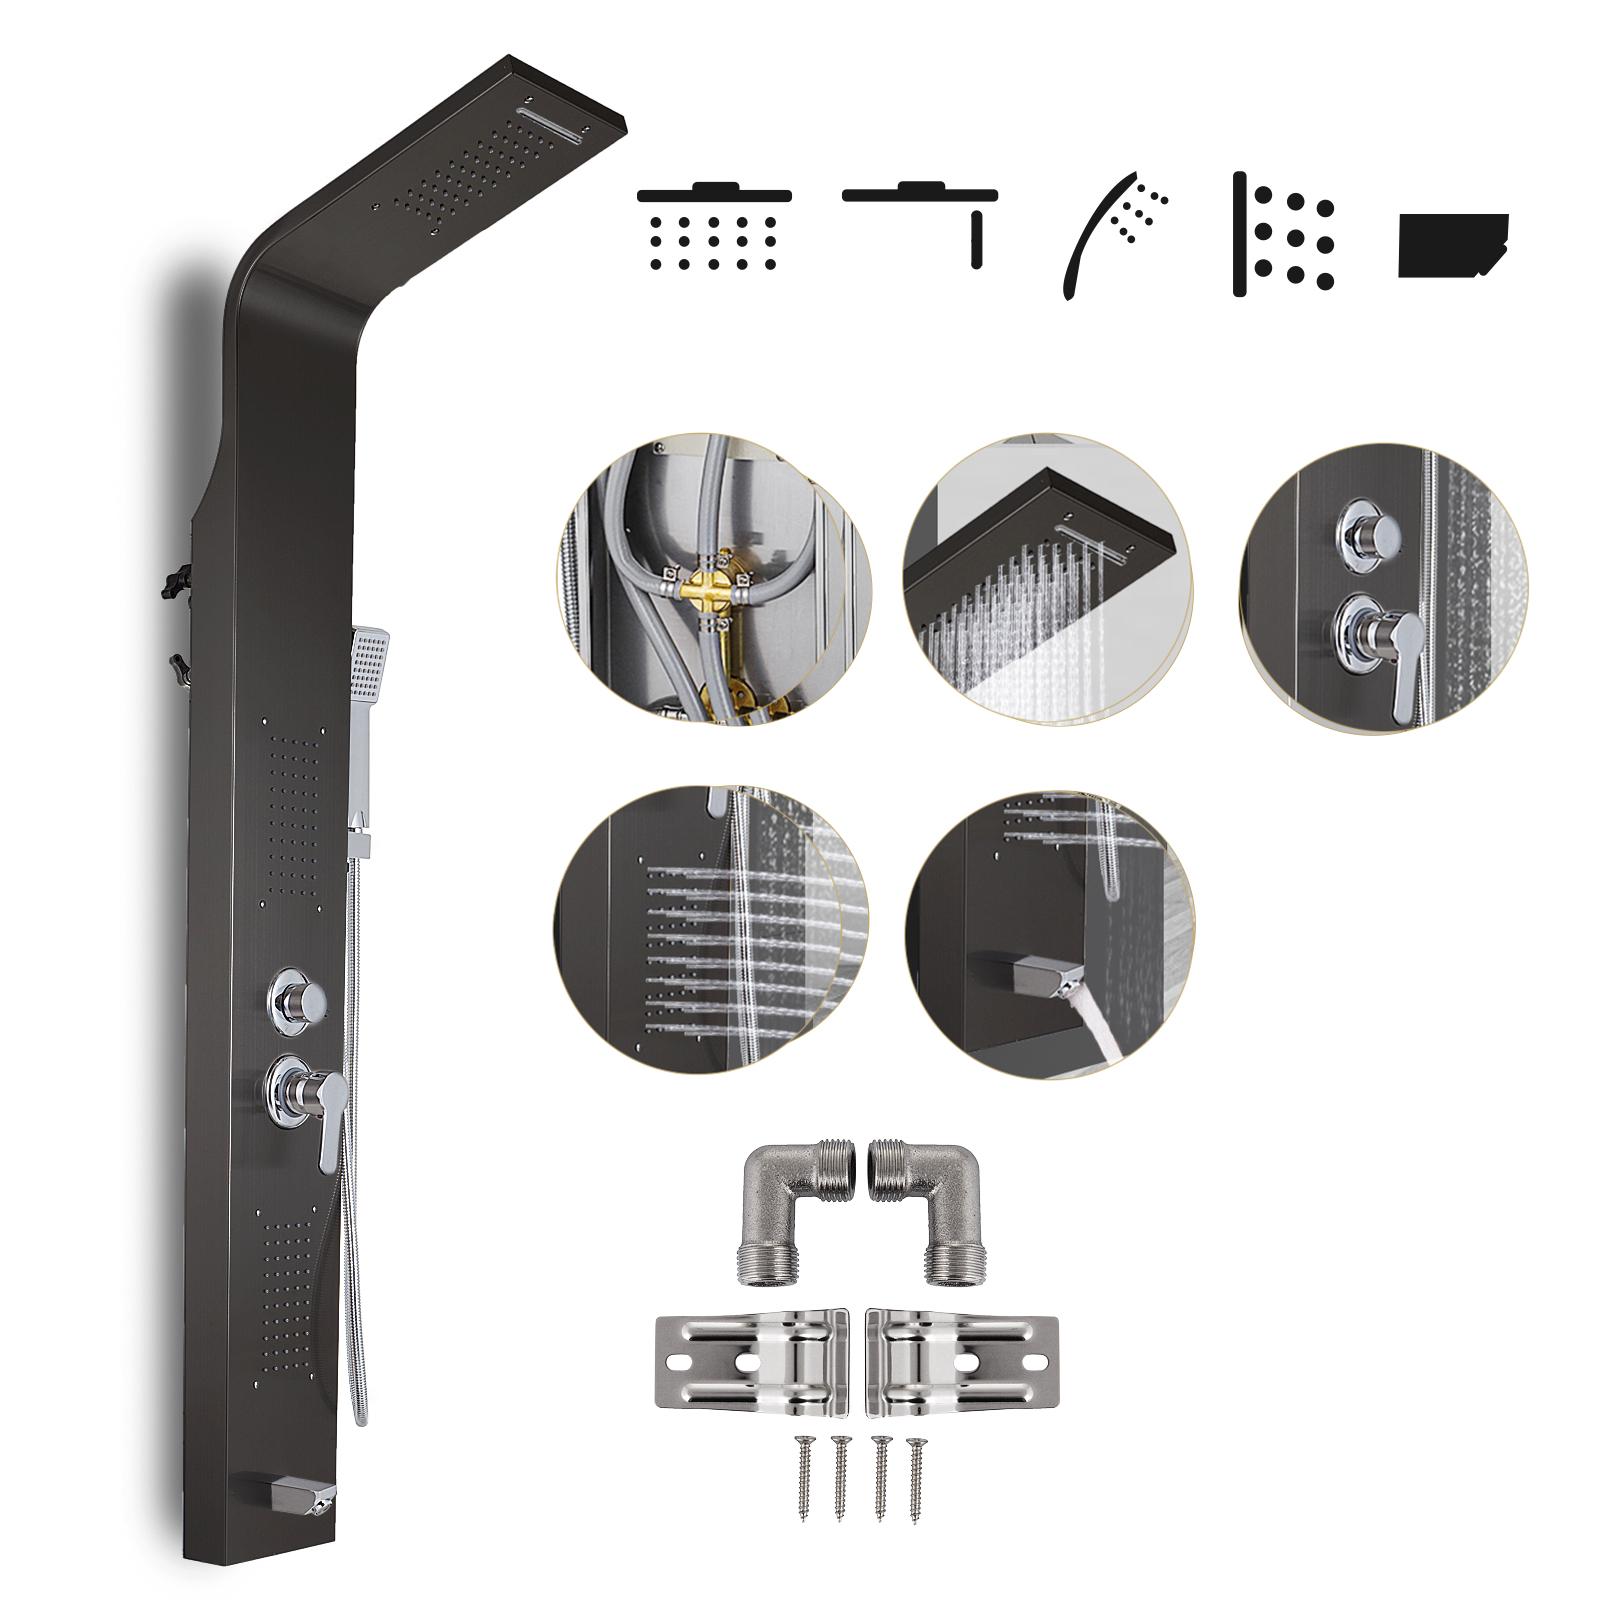 Pannello-doccia-idromassaggio-colonna-in-acciaio-inossidabile-con-miscelatore miniatura 60